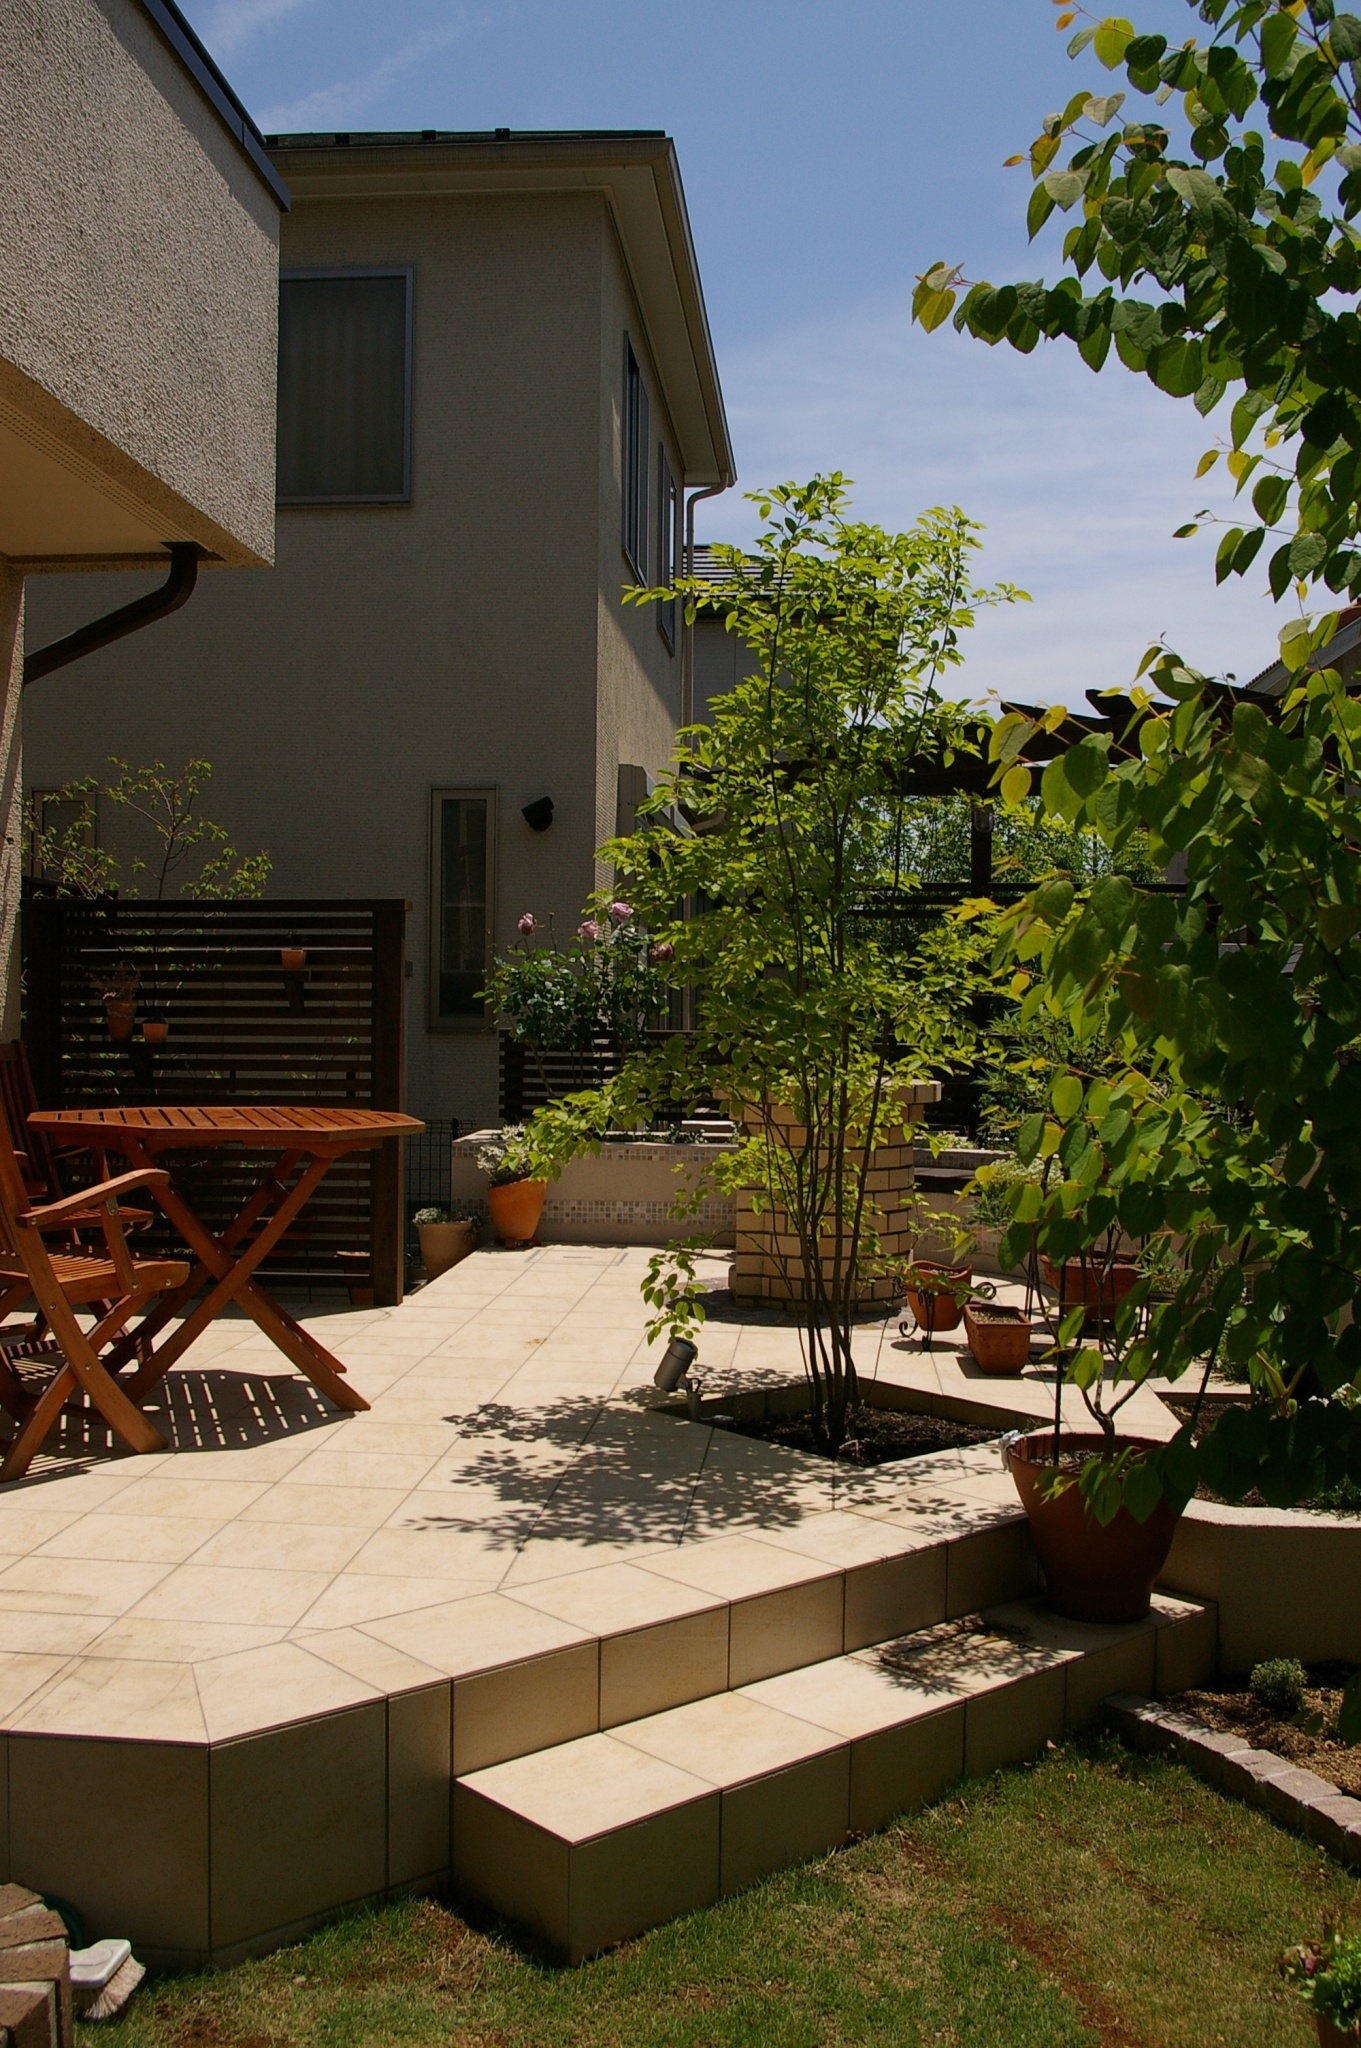 シンボルツリーがアオダモのお庭(ガーデン)